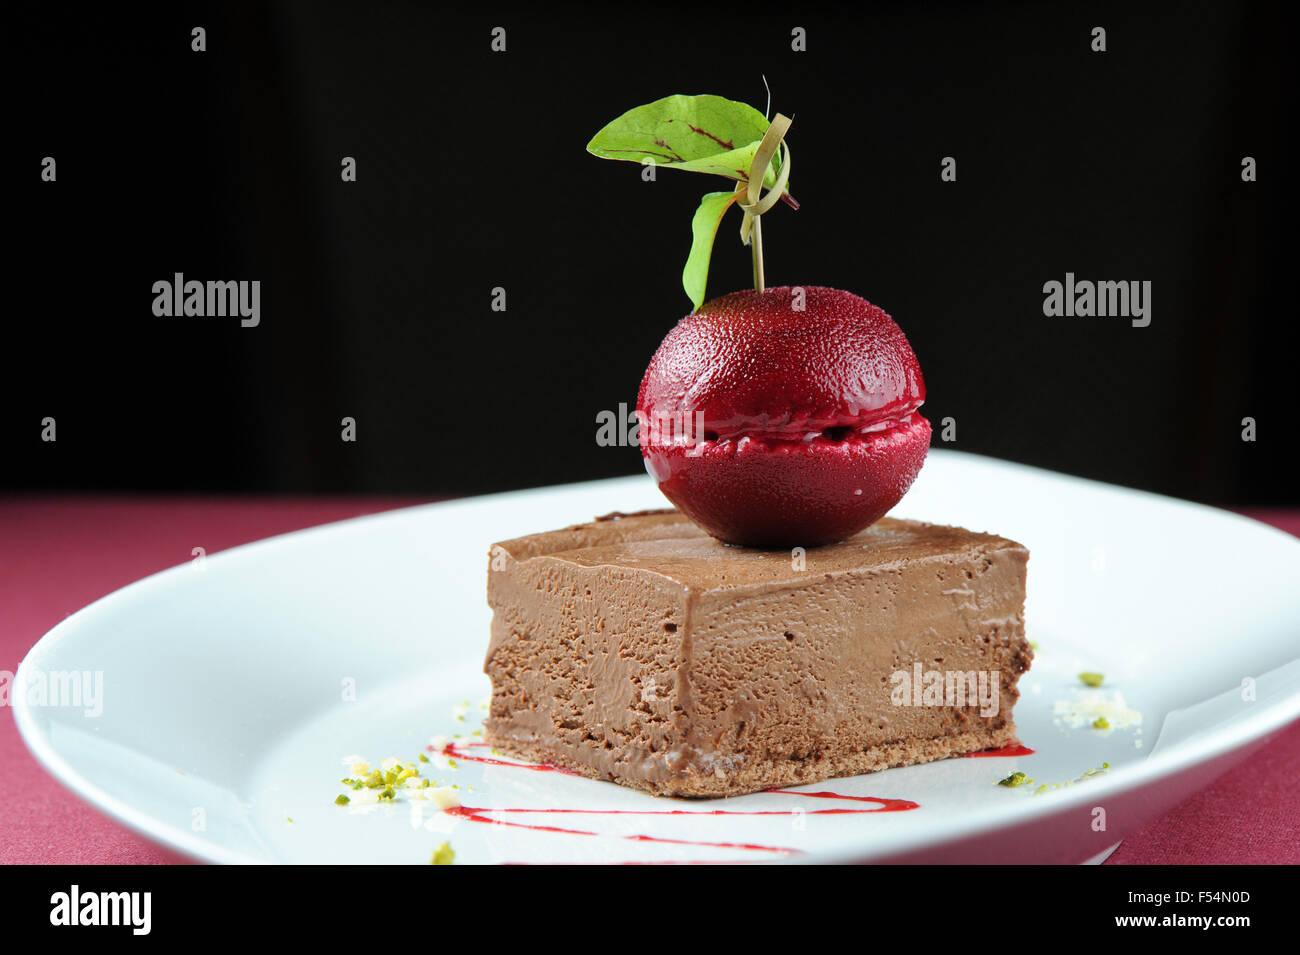 Chocolat Gourmet dessert crème glacée de la souris avec un sorbet cerise noire. Photo Stock